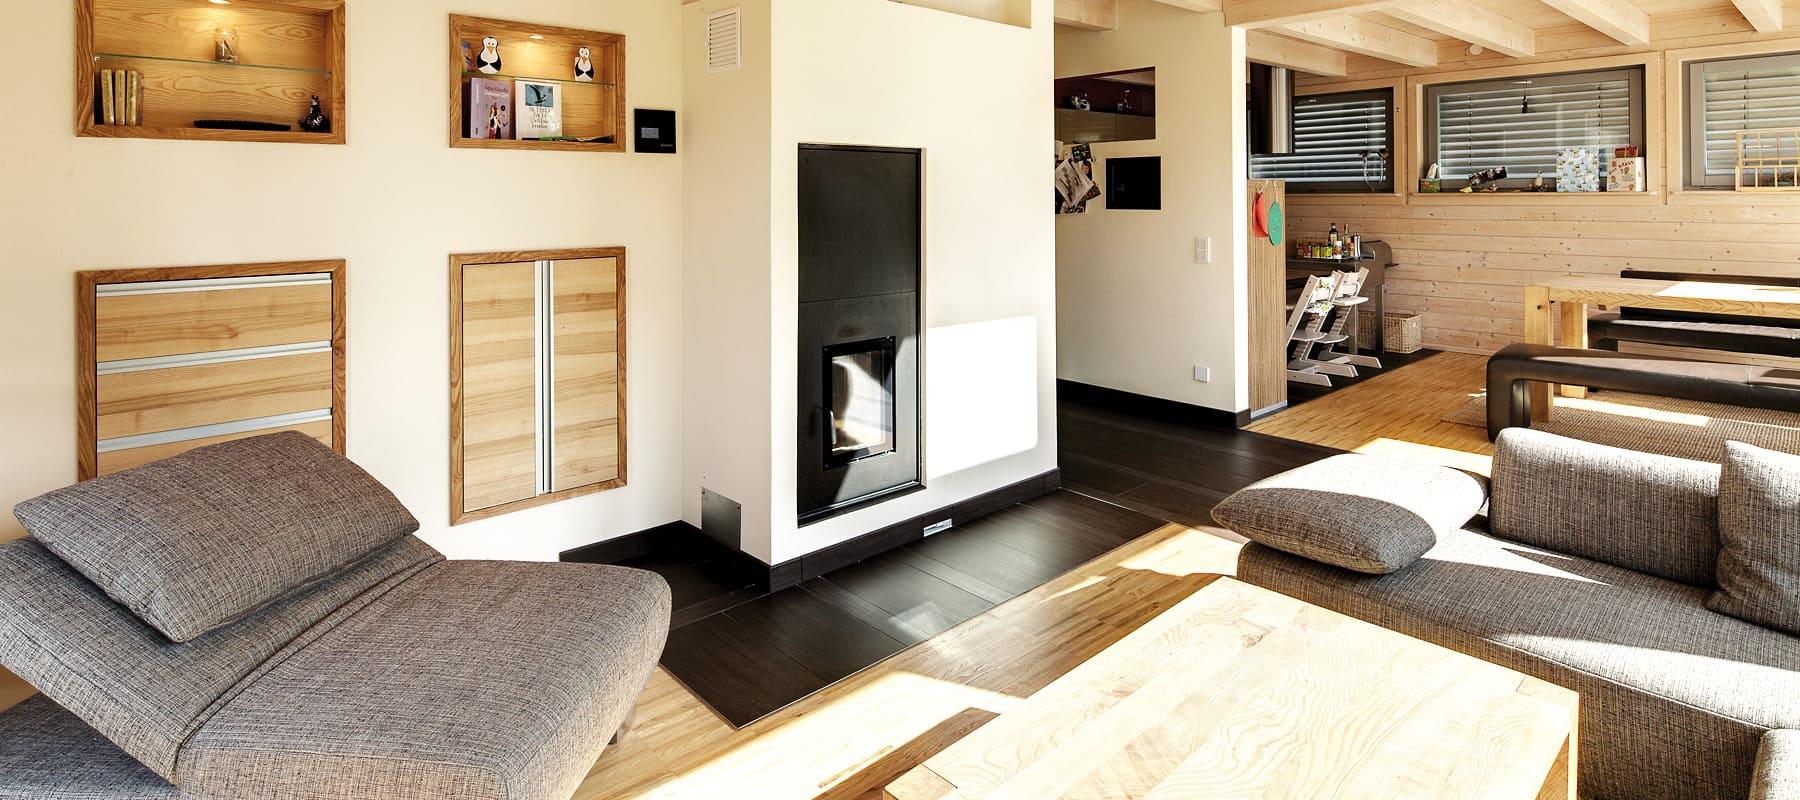 Moderne holzhäuser innen  Wohnzimmerz: Holzhaus Inneneinrichtung With Ein Einfaches Holzhaus ...